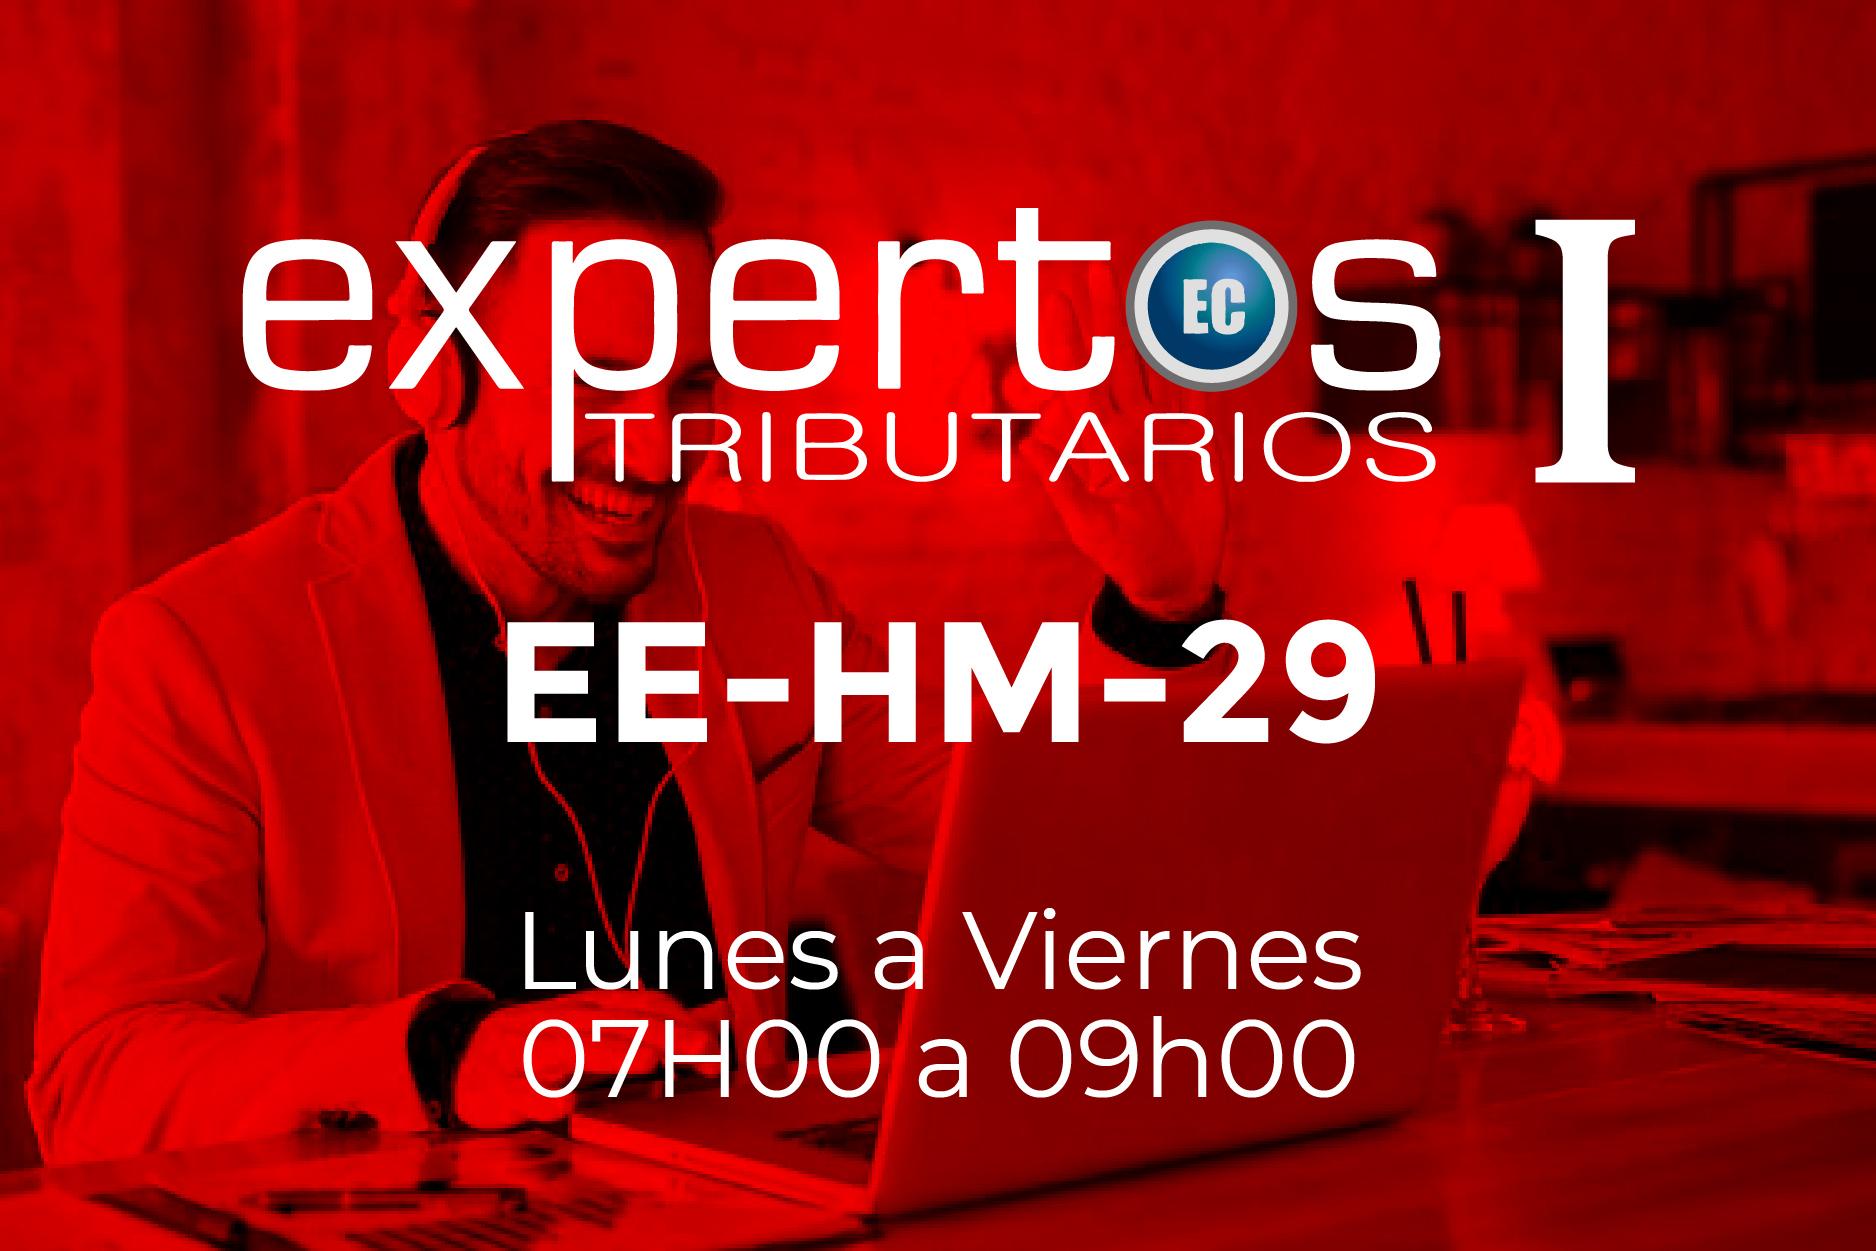 29 - EXPERTOS TRIBUTARIOS - LUNES A VIERNES - 07:00 A 09:00